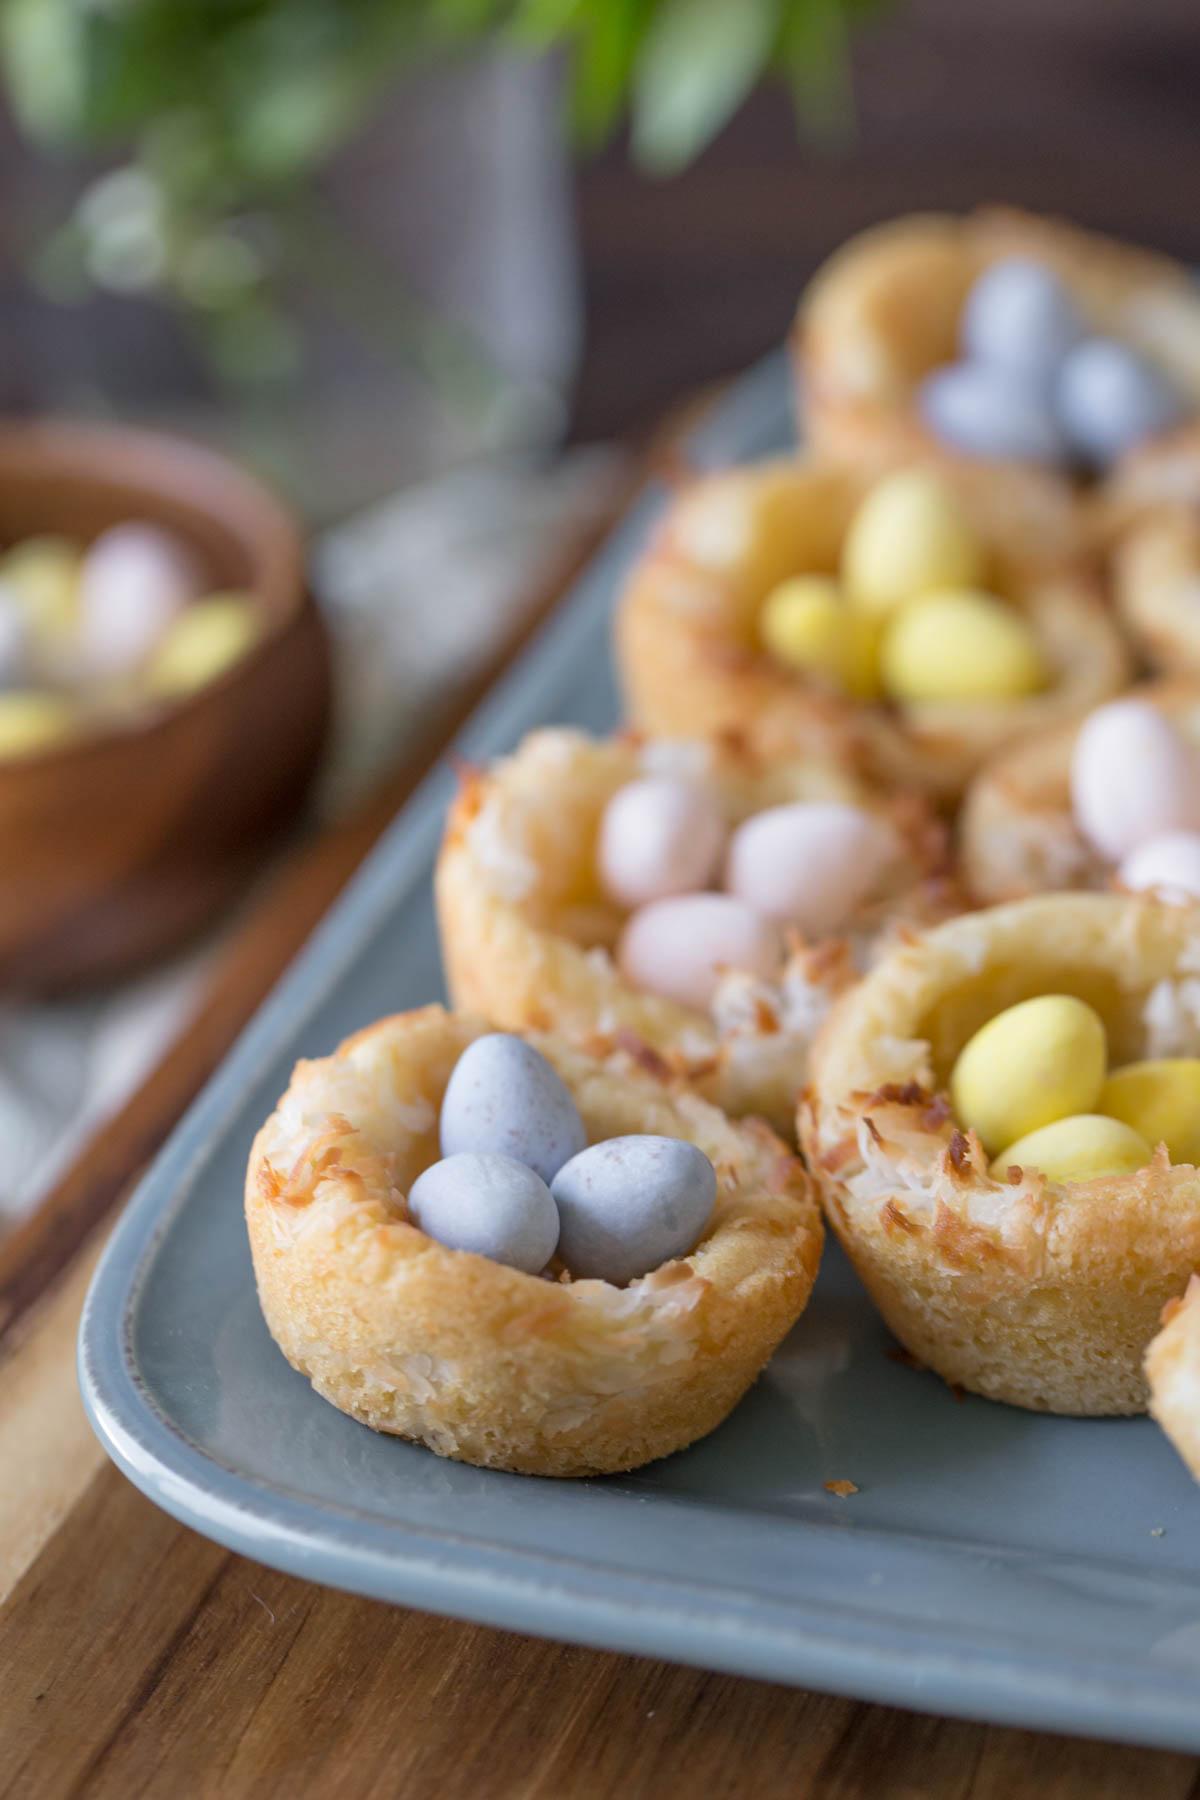 Sugar Cookie Easter Egg Nests on a serving platter.